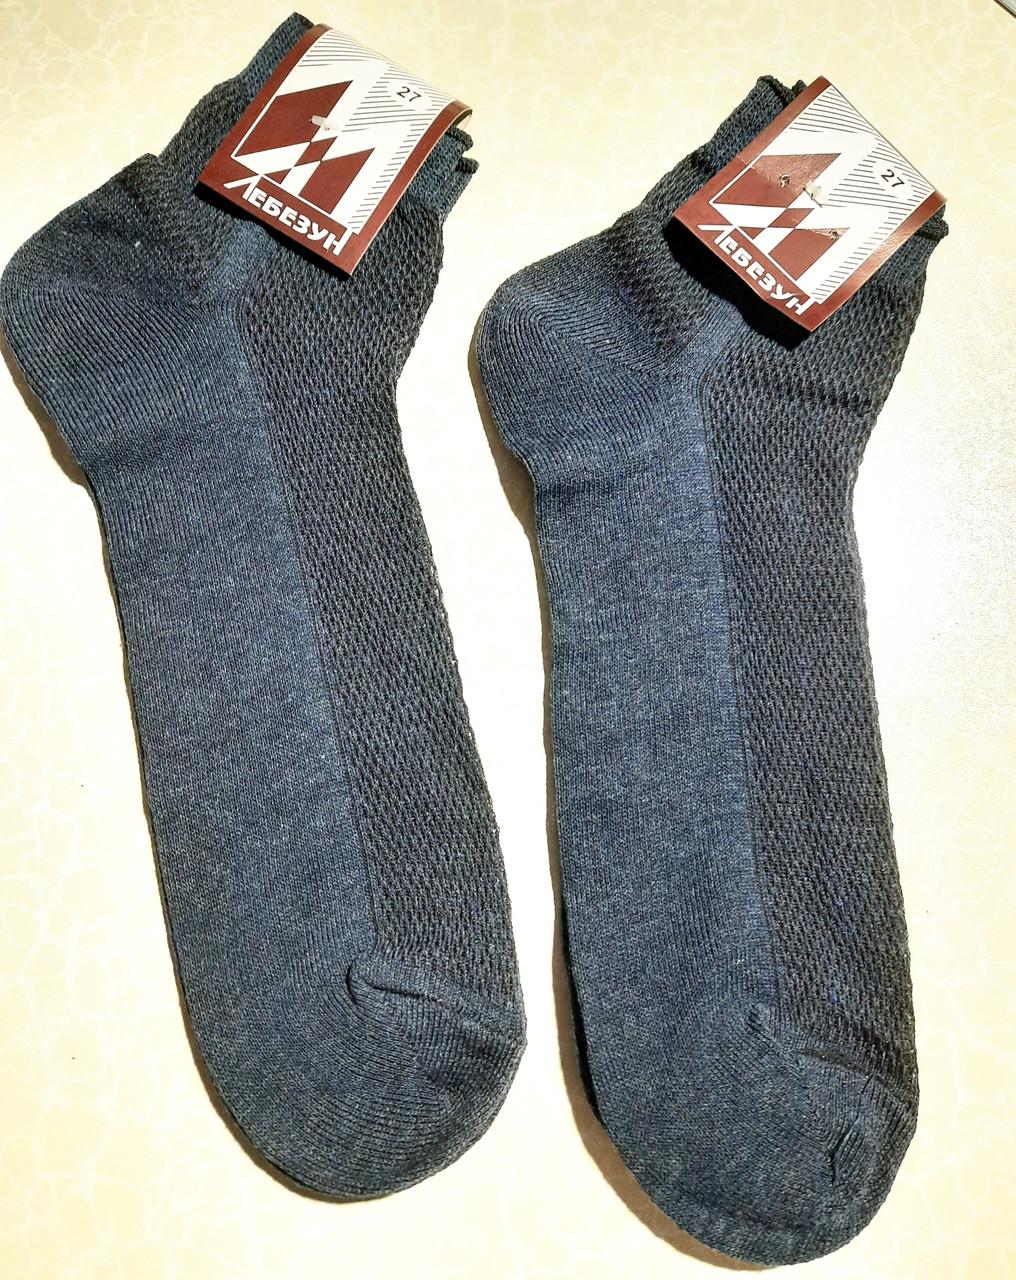 Носки мужские вставка сеточка укороченные хлопок р.27 цвет синий От 6 пар по 5грн